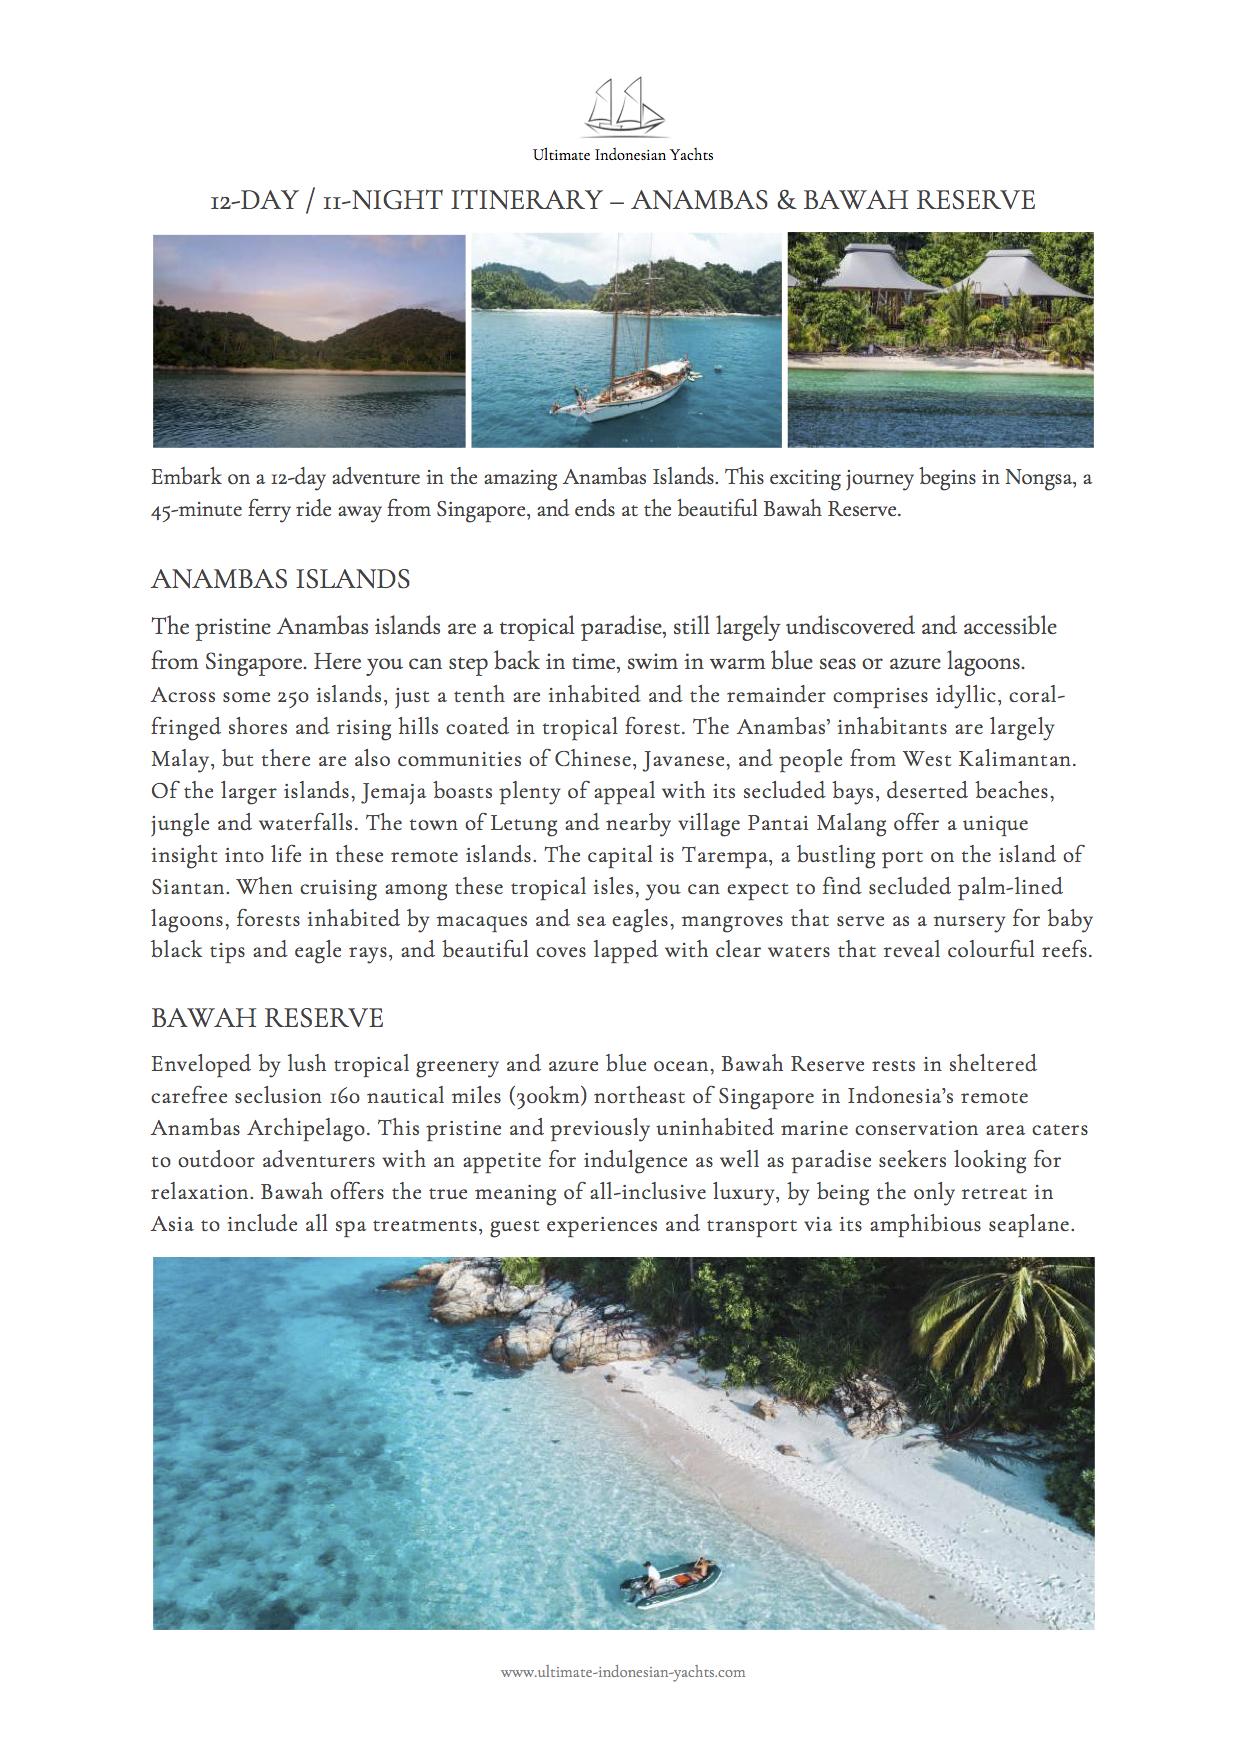 UIY Itinerary - 12 Day Anambas & Bawah Reserve.jpg